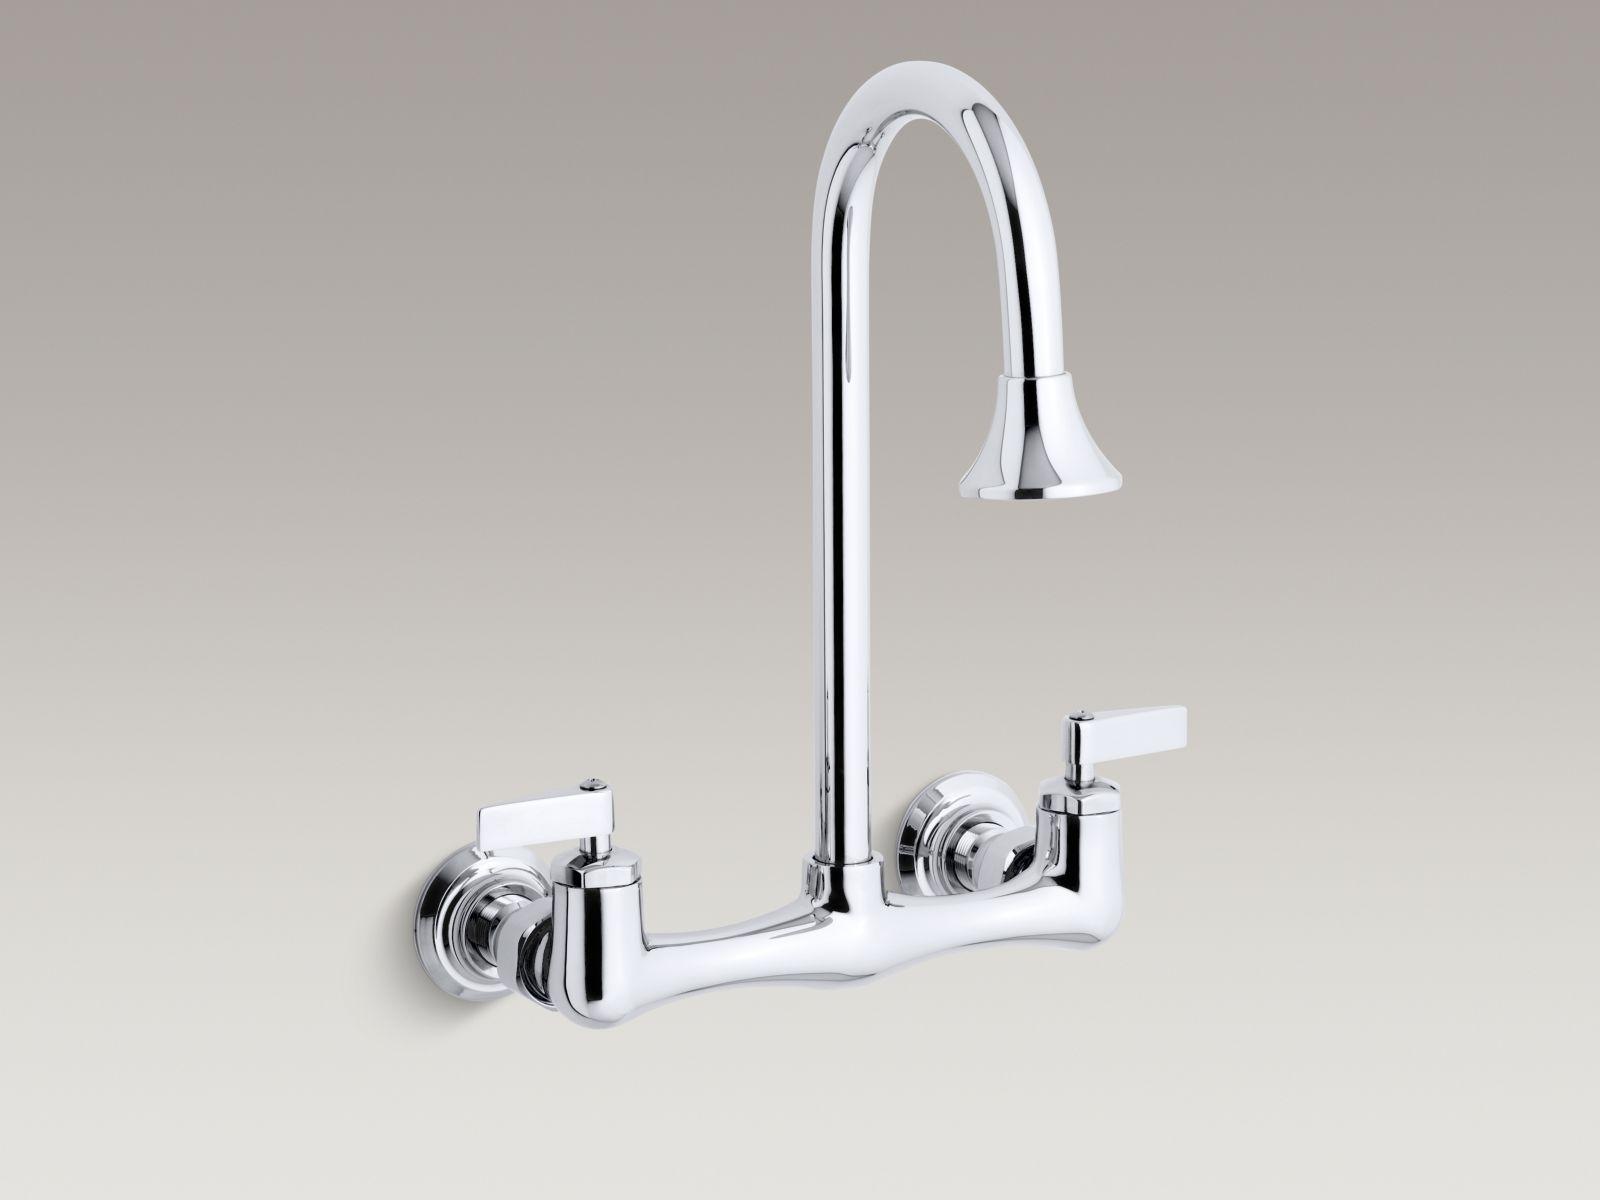 kohler triton utility sink faucet kohler triton utility sink faucet buyplumbing category wall mount faucet 1600 x 1200